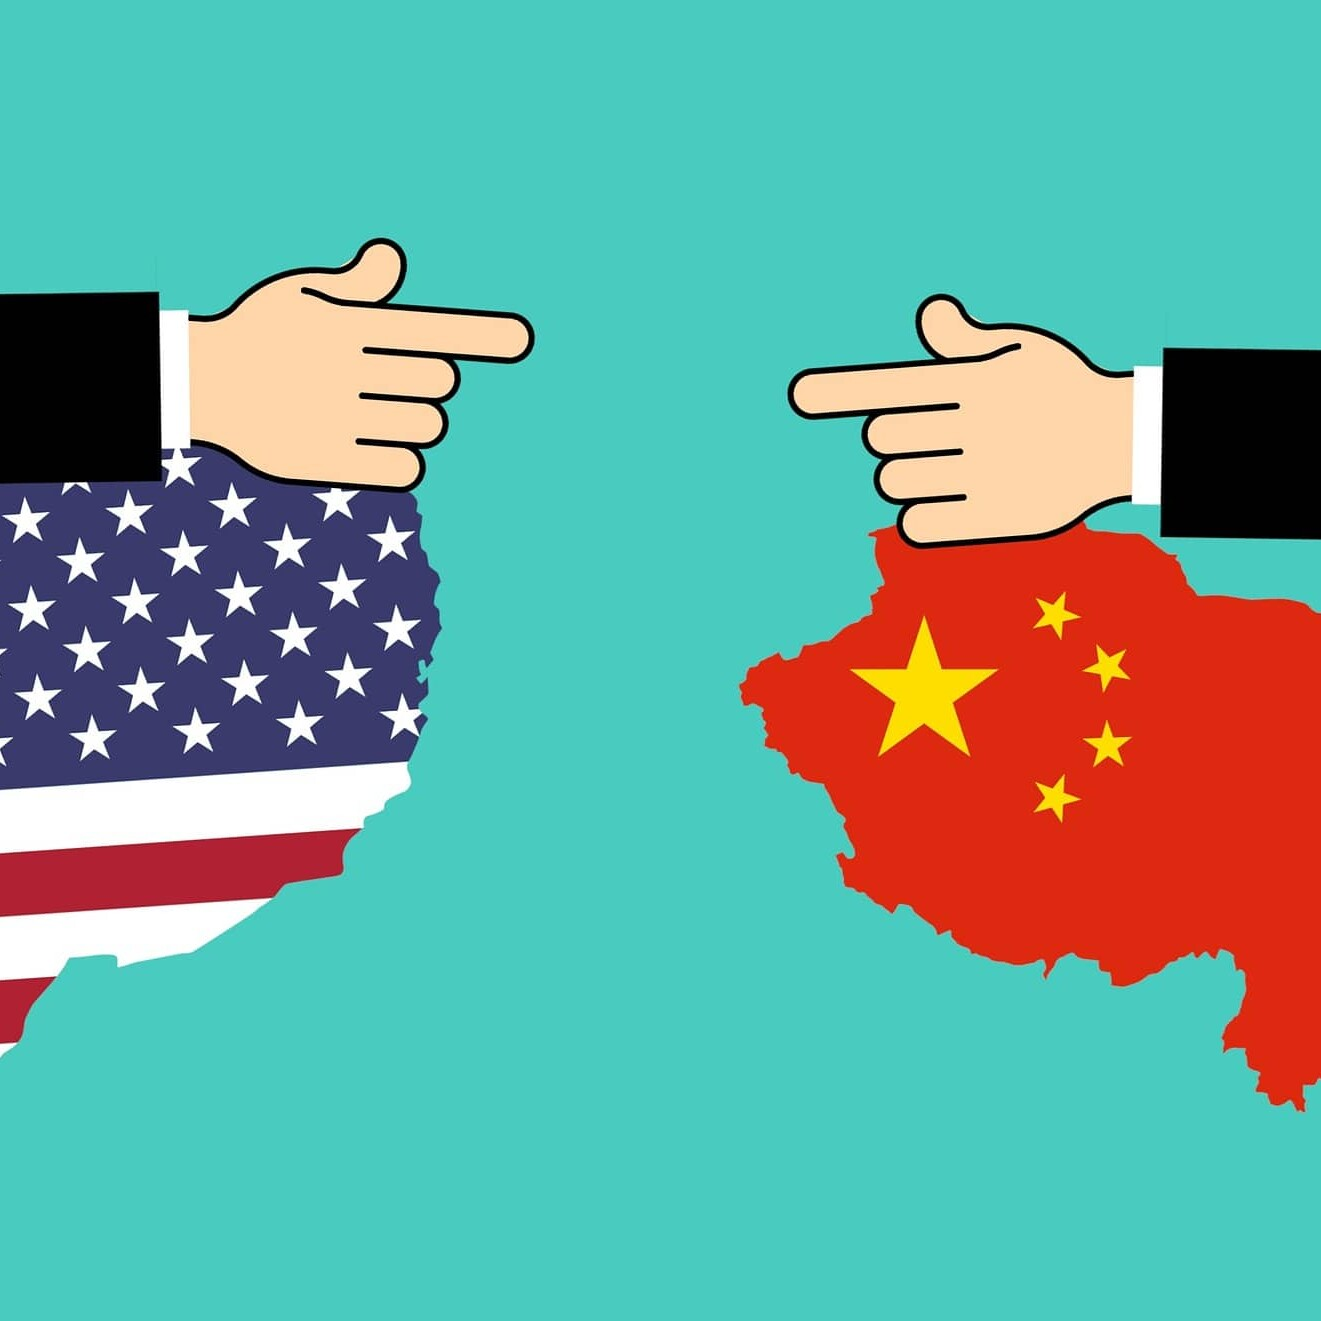 La Cina ha vinto la guerra commerciale con Trump